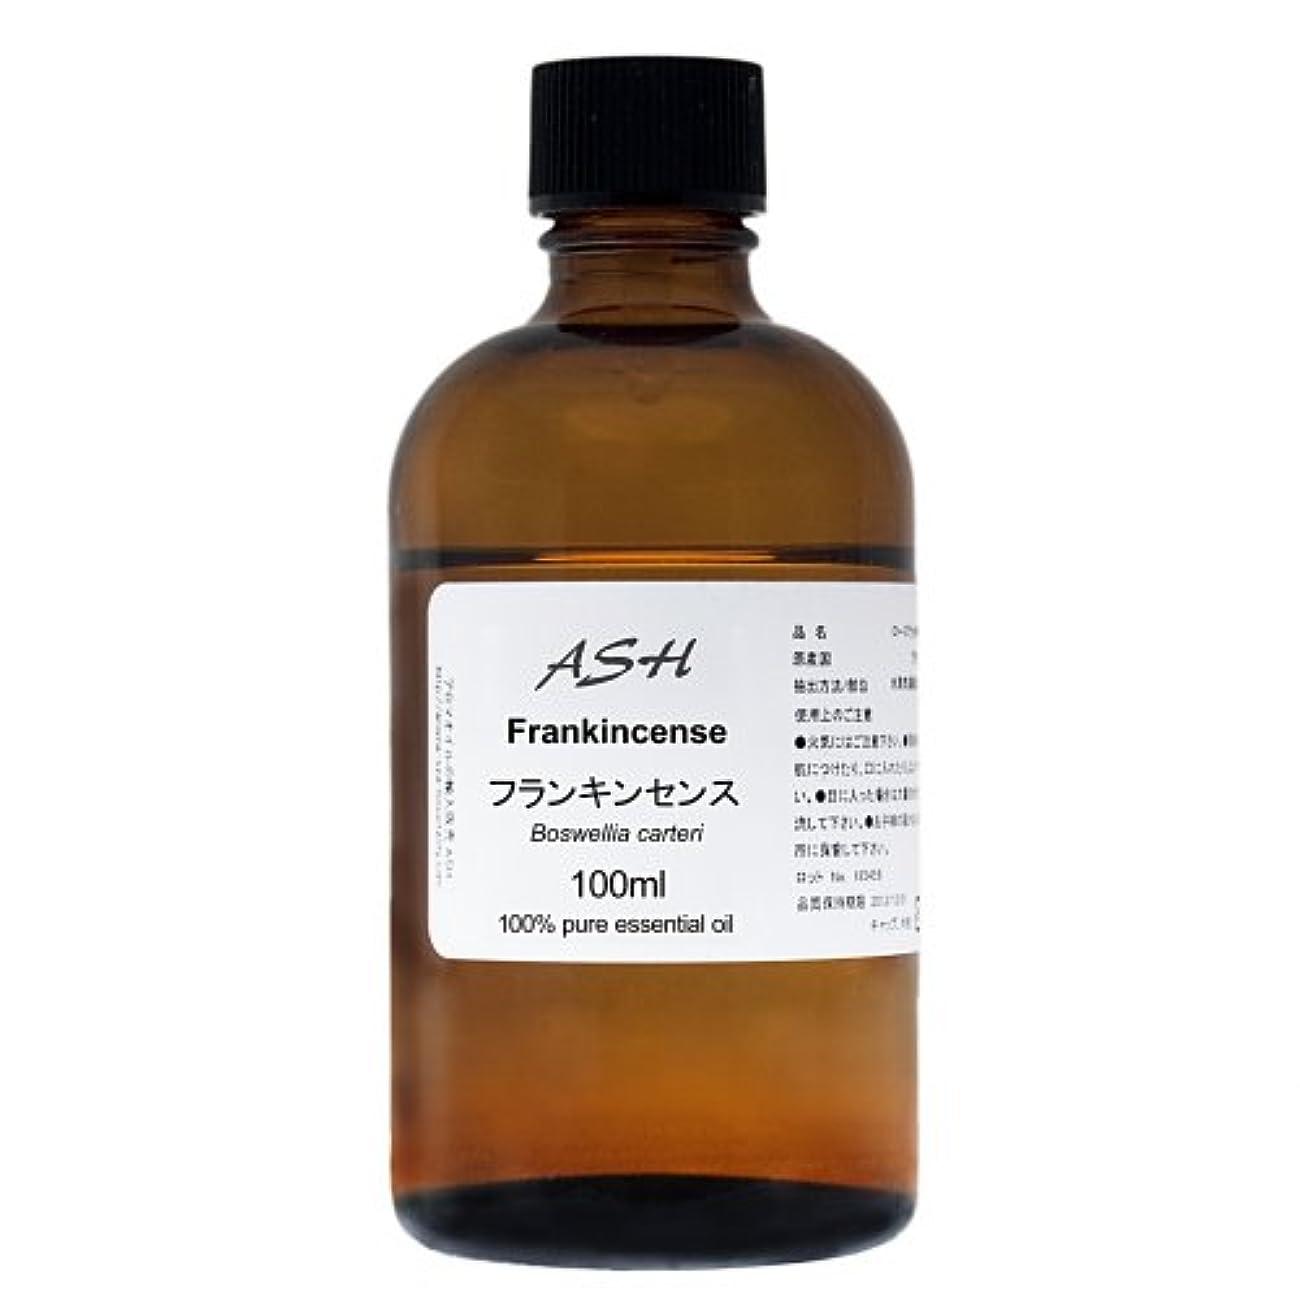 抵当不足掘るASH フランキンセンス エッセンシャルオイル 100ml AEAJ表示基準適合認定精油